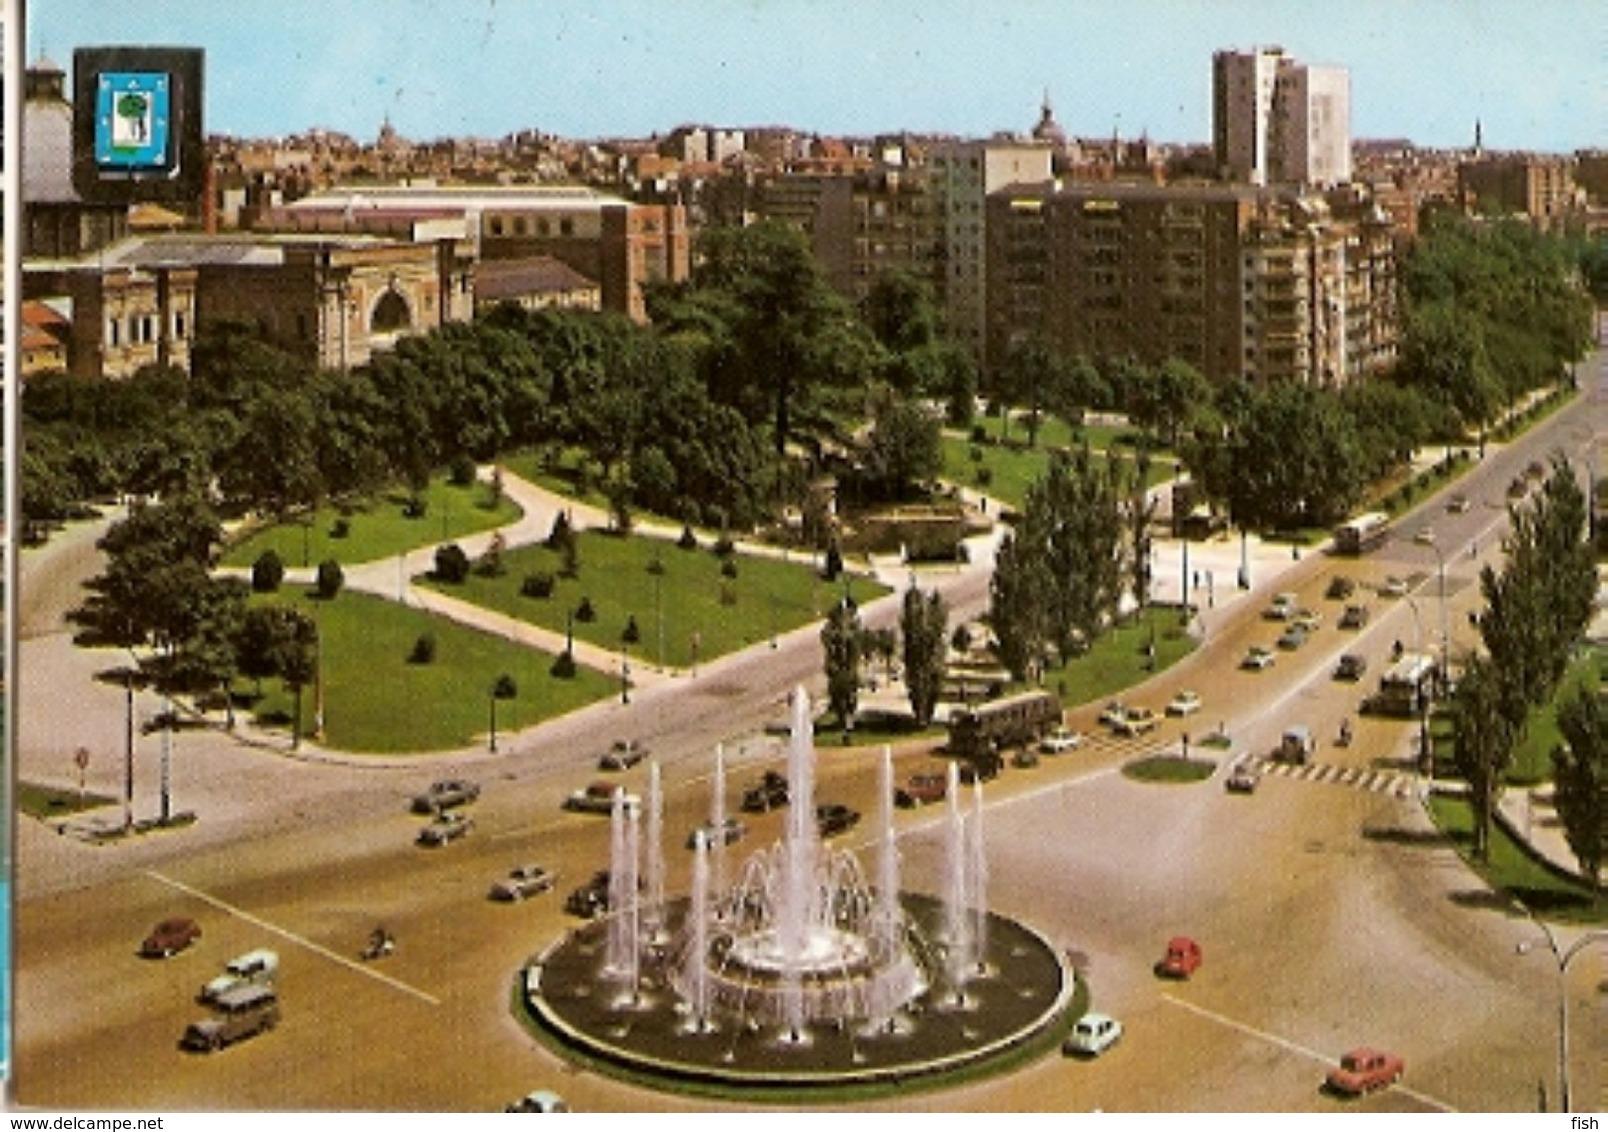 Spain  & Circulated, Paseo San Joan De La Cruz Paseo De La Castellana, Madrid,Lisboa 1971 (147) - Monuments